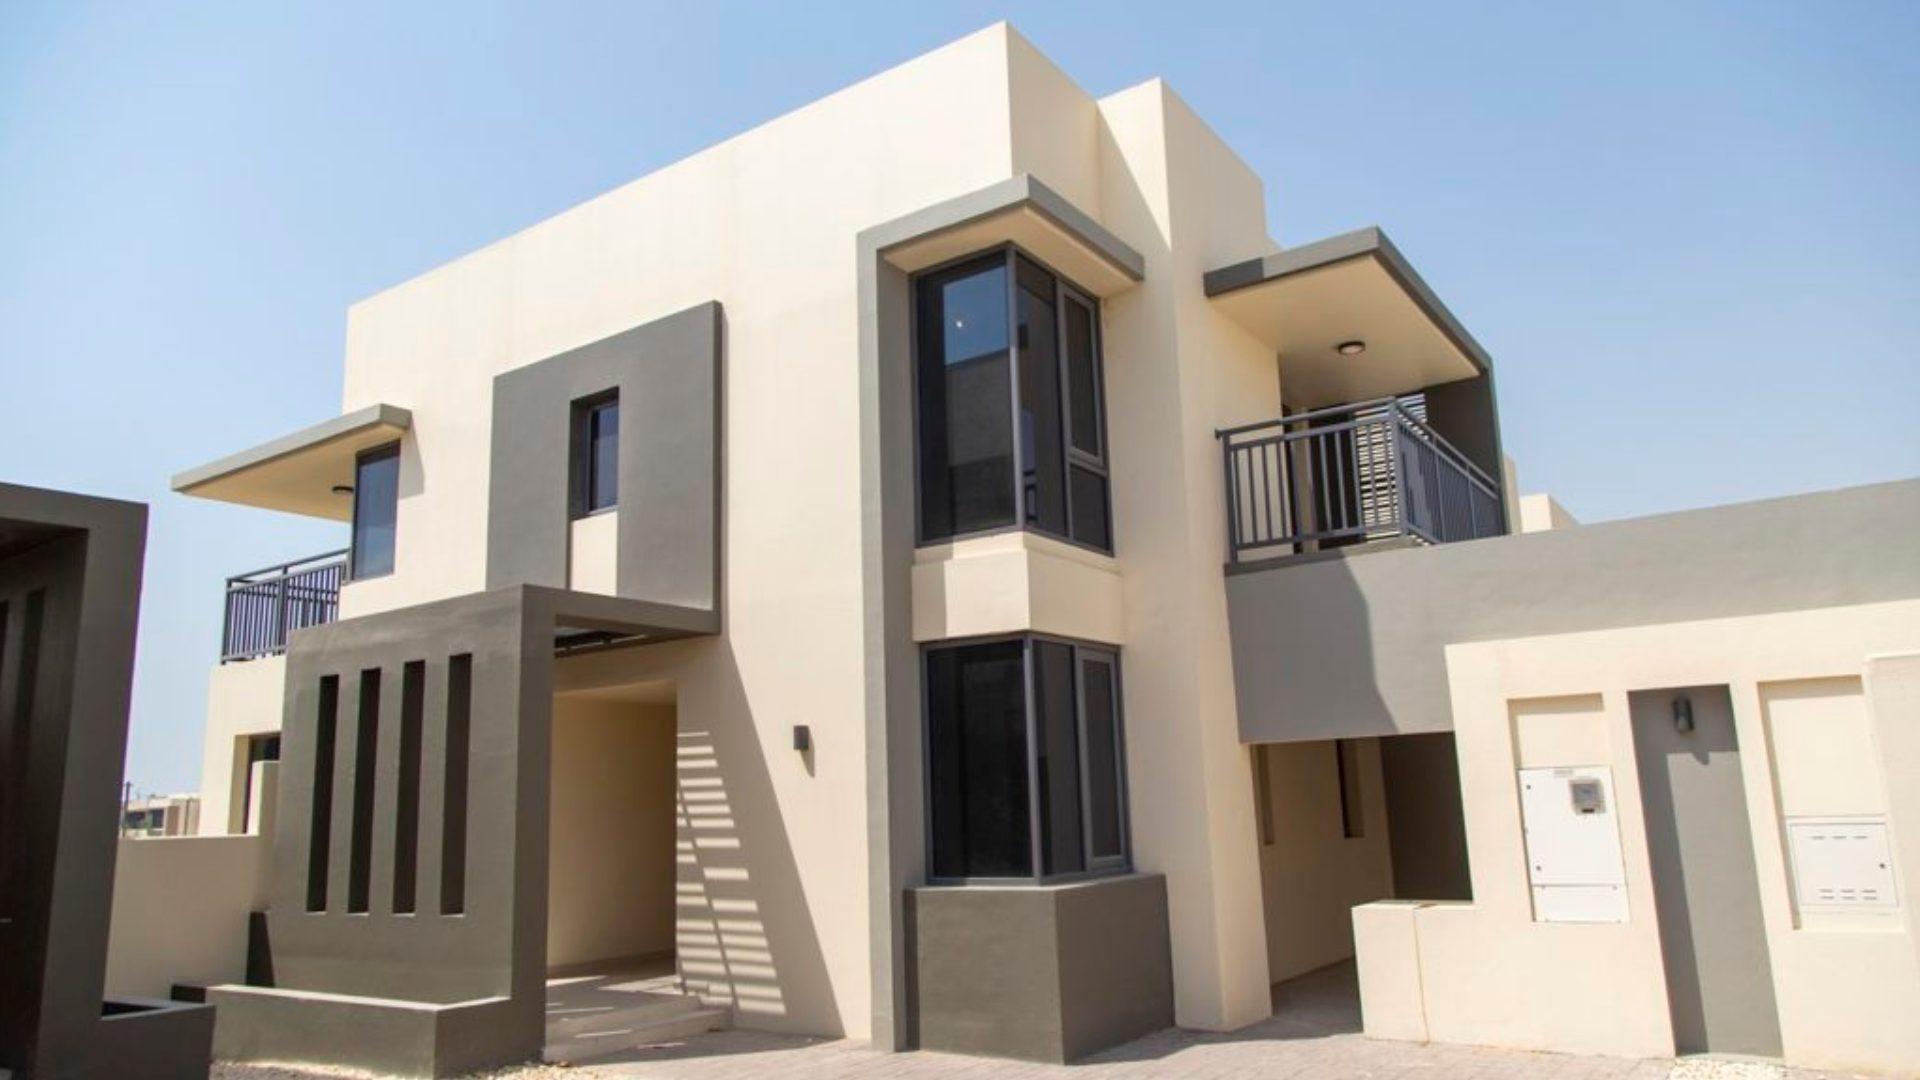 Adosado en venta en Dubai, EAU, 3 dormitorios, 211 m2, № 24137 – foto 1